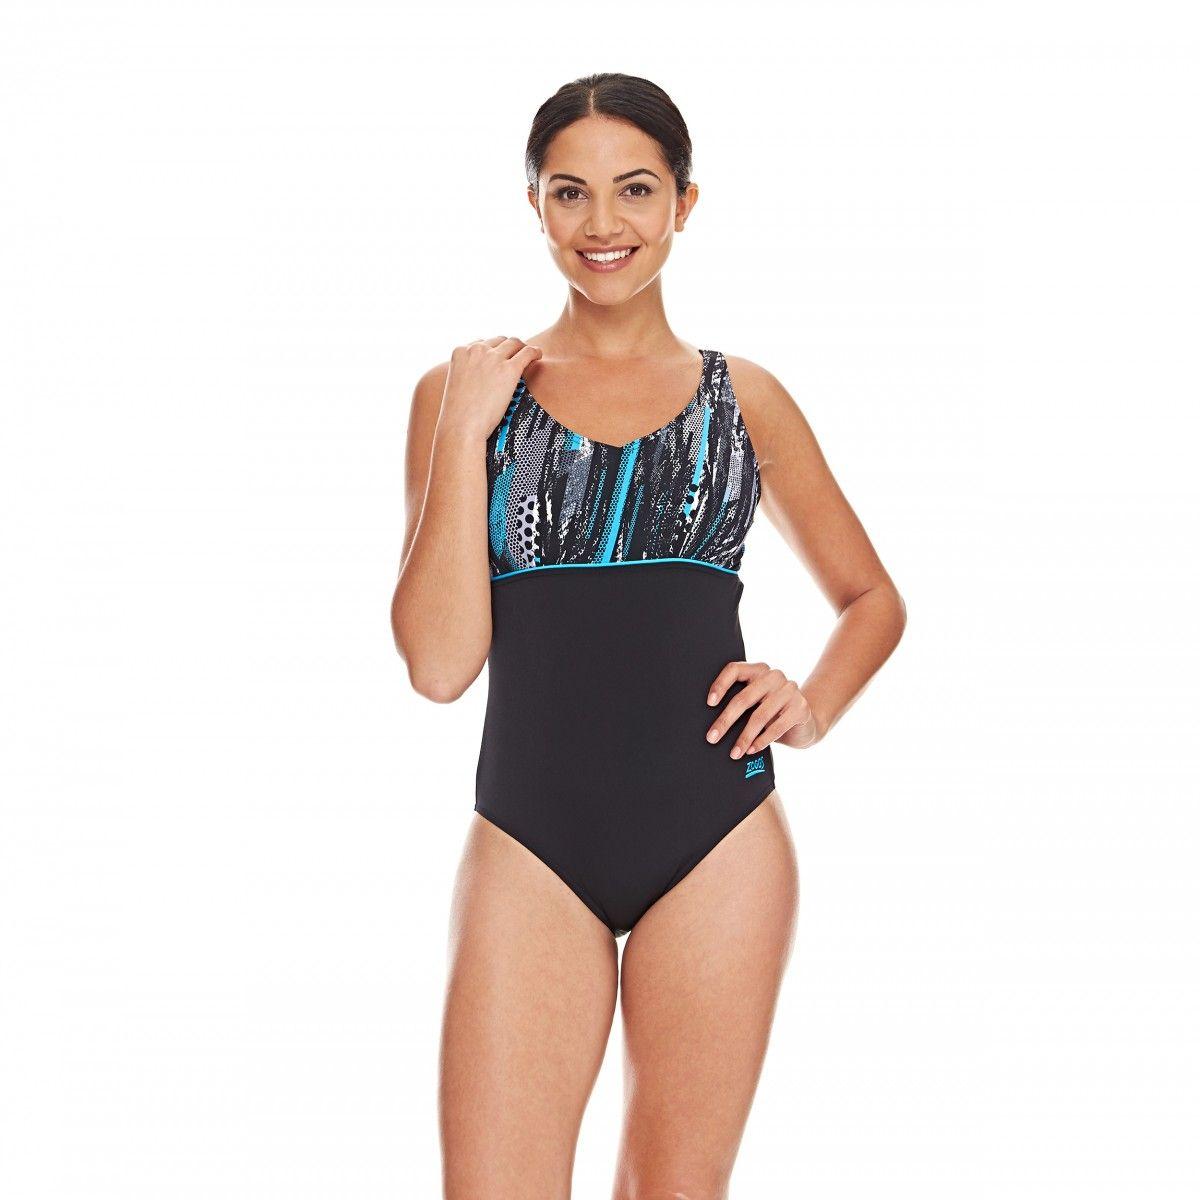 48f4754de14 Zoggs Women's Minnamurra V Neck Clipback Swimming Costume - Sizes 8 ...